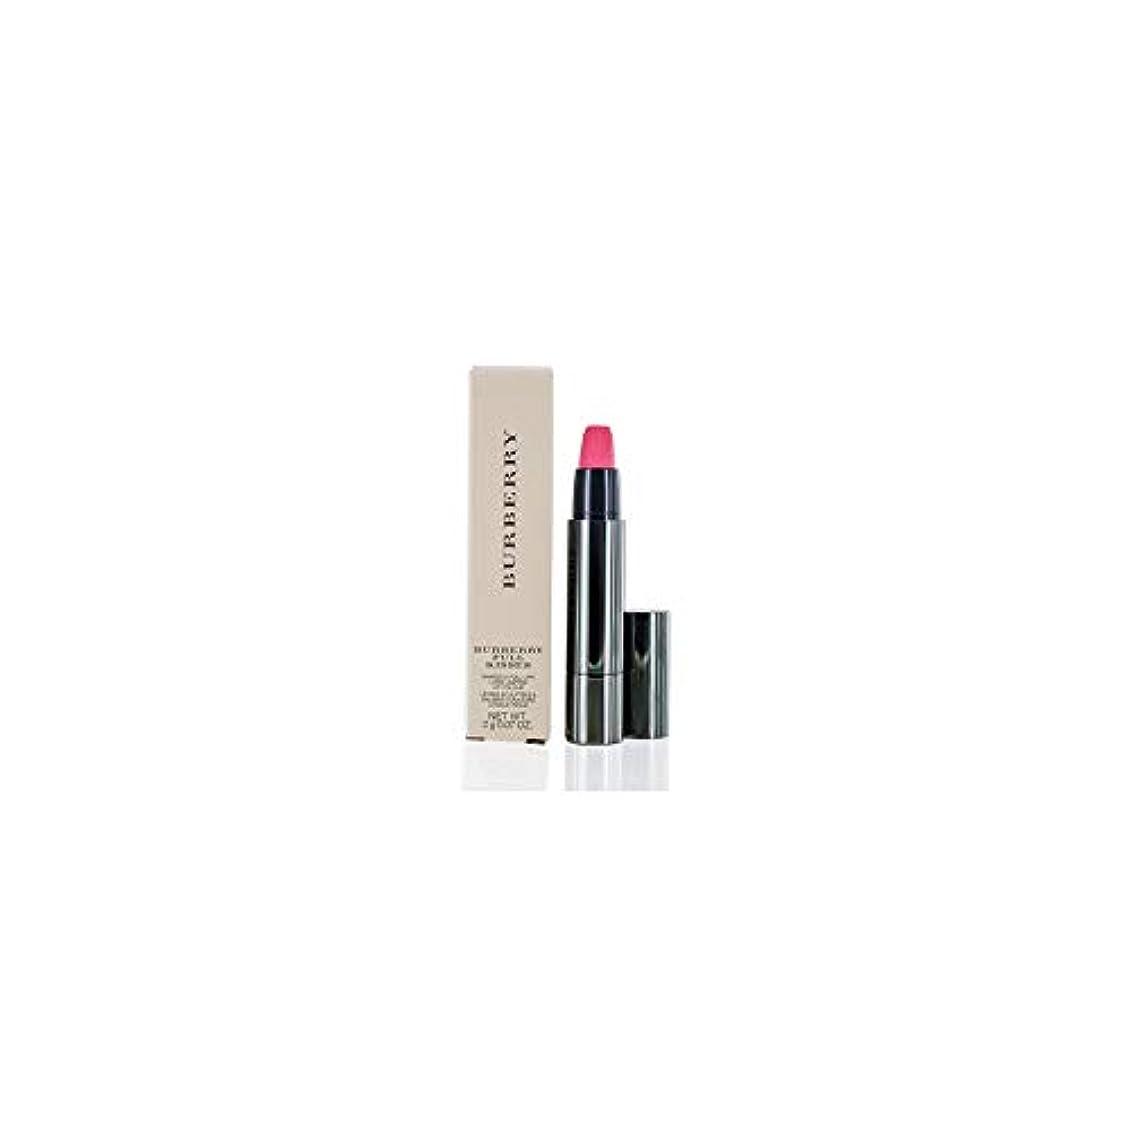 駅繁栄ベースバーバリー Burberry Full Kisses Shaped & Full Lips Long Lasting Lip Colour - # No. 513 Peony Rose 2g/0.07oz